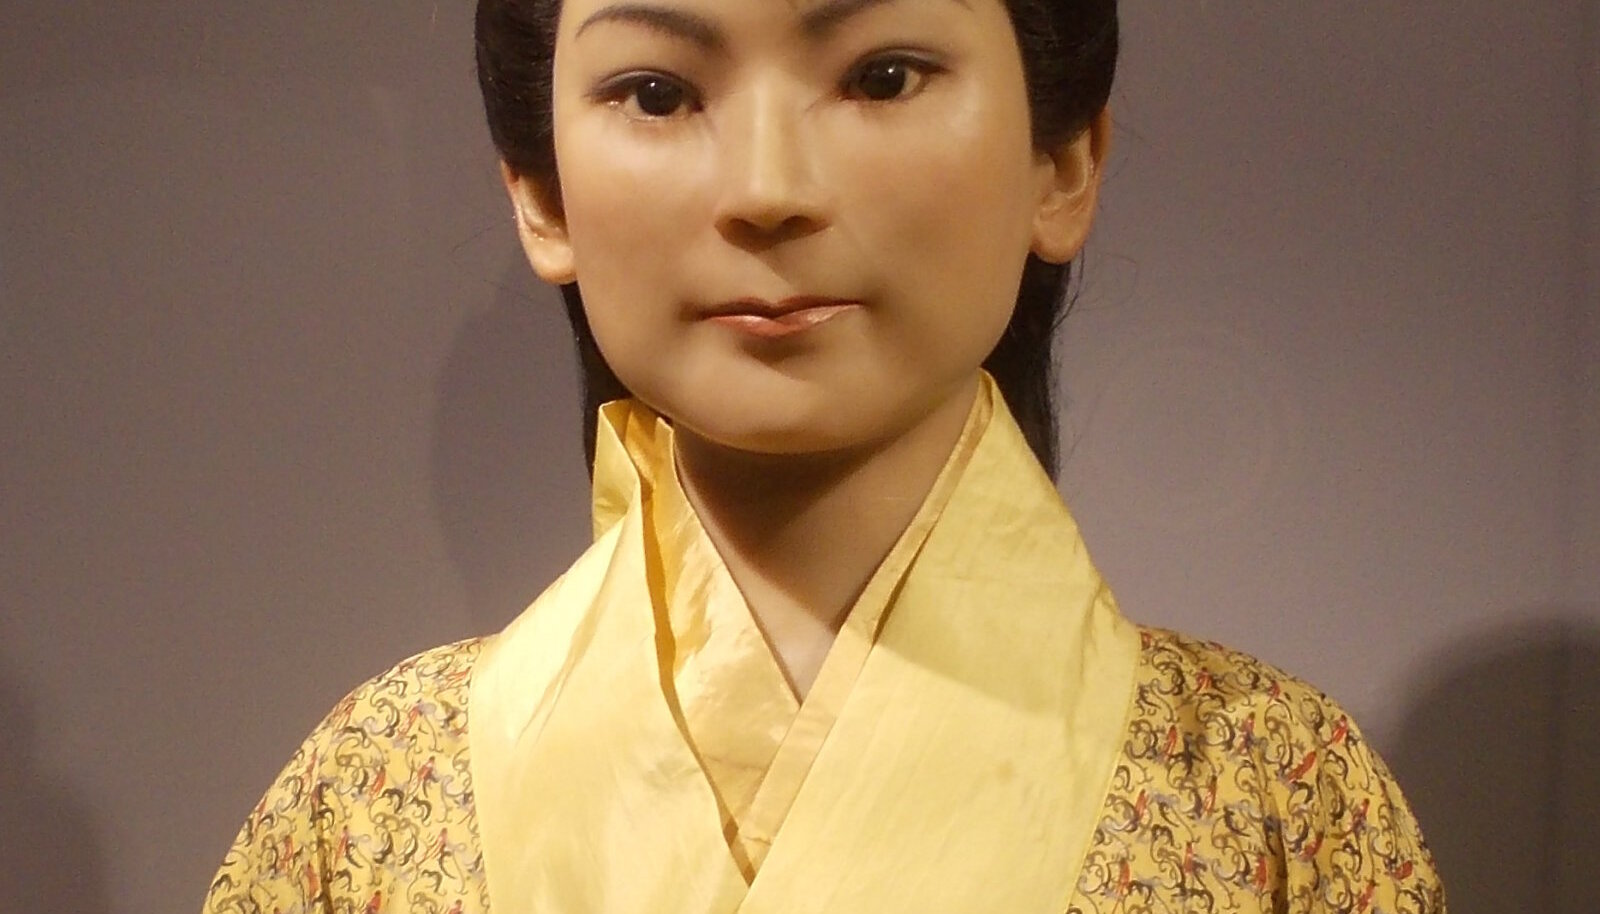 Xin Zhui keha rekonstruktsioon